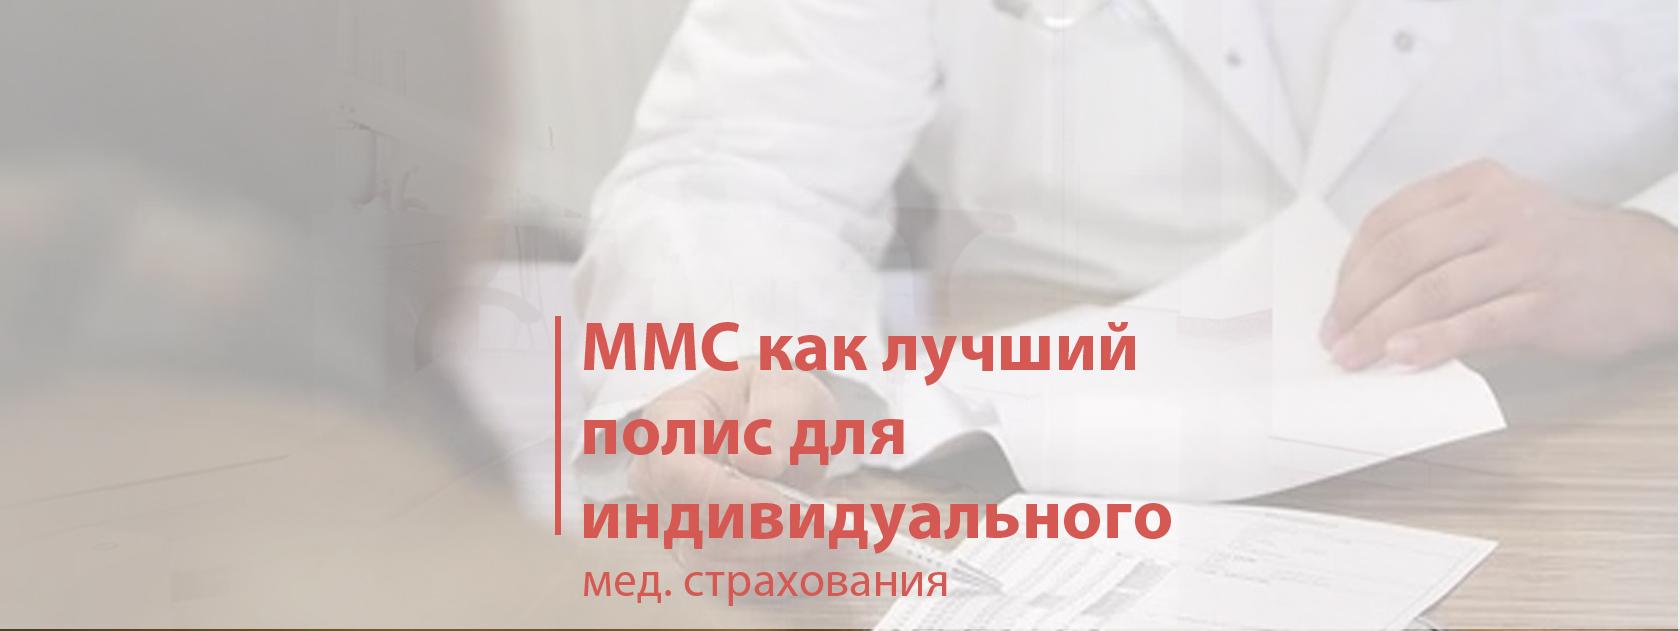 ММС лучшая медицинская страховка